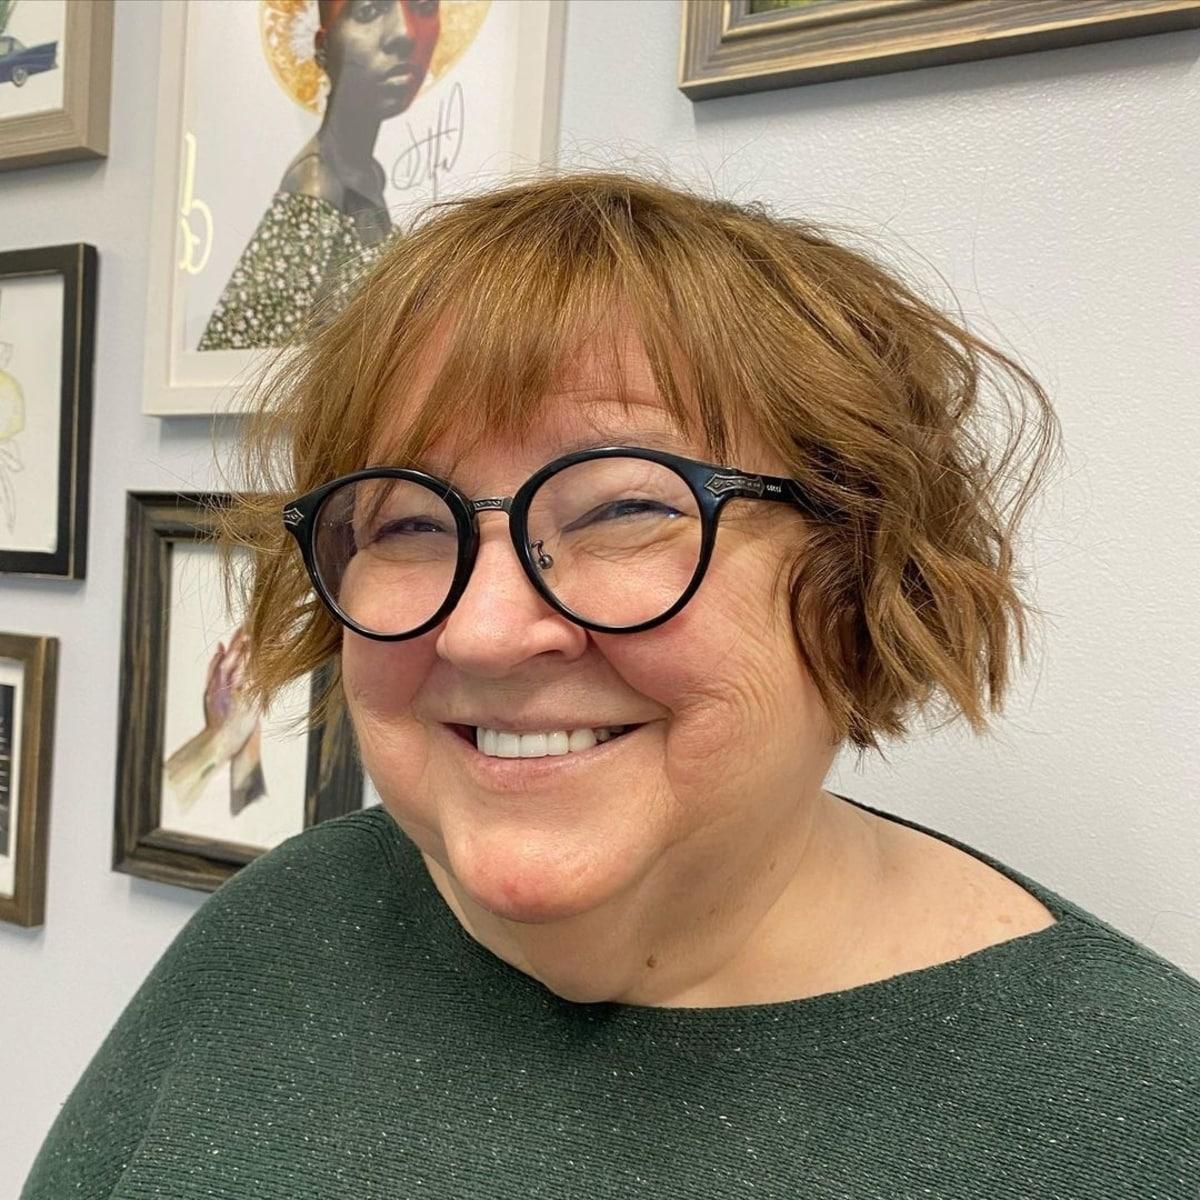 Coupe de cheveux courte flatteuse pour les femmes de plus de 50 ans avec un visage rond.